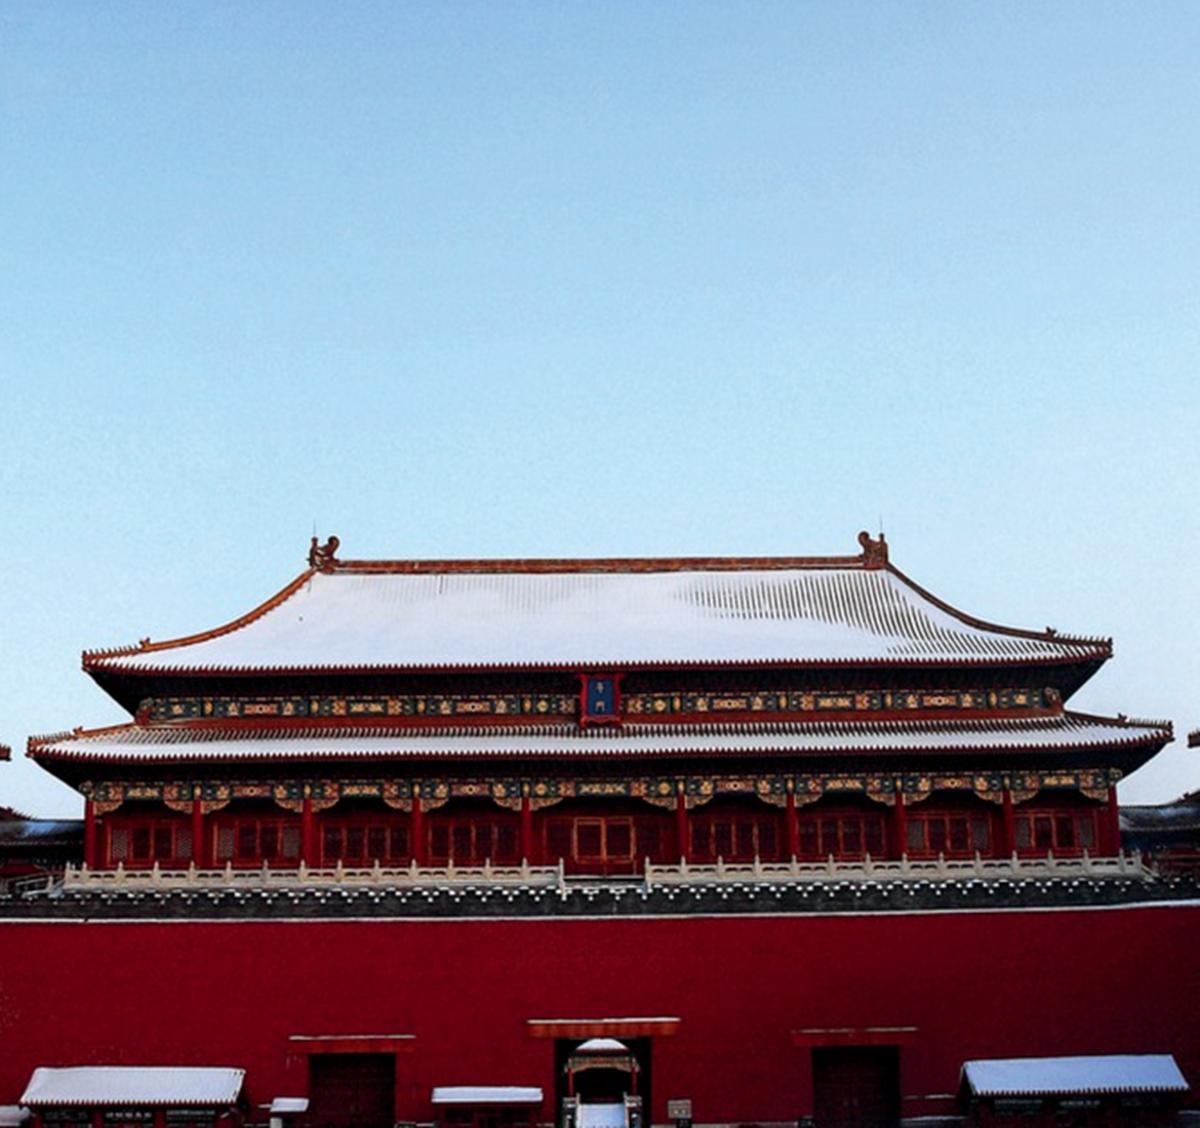 7月13日 故宫的现代化博物馆转型之旅